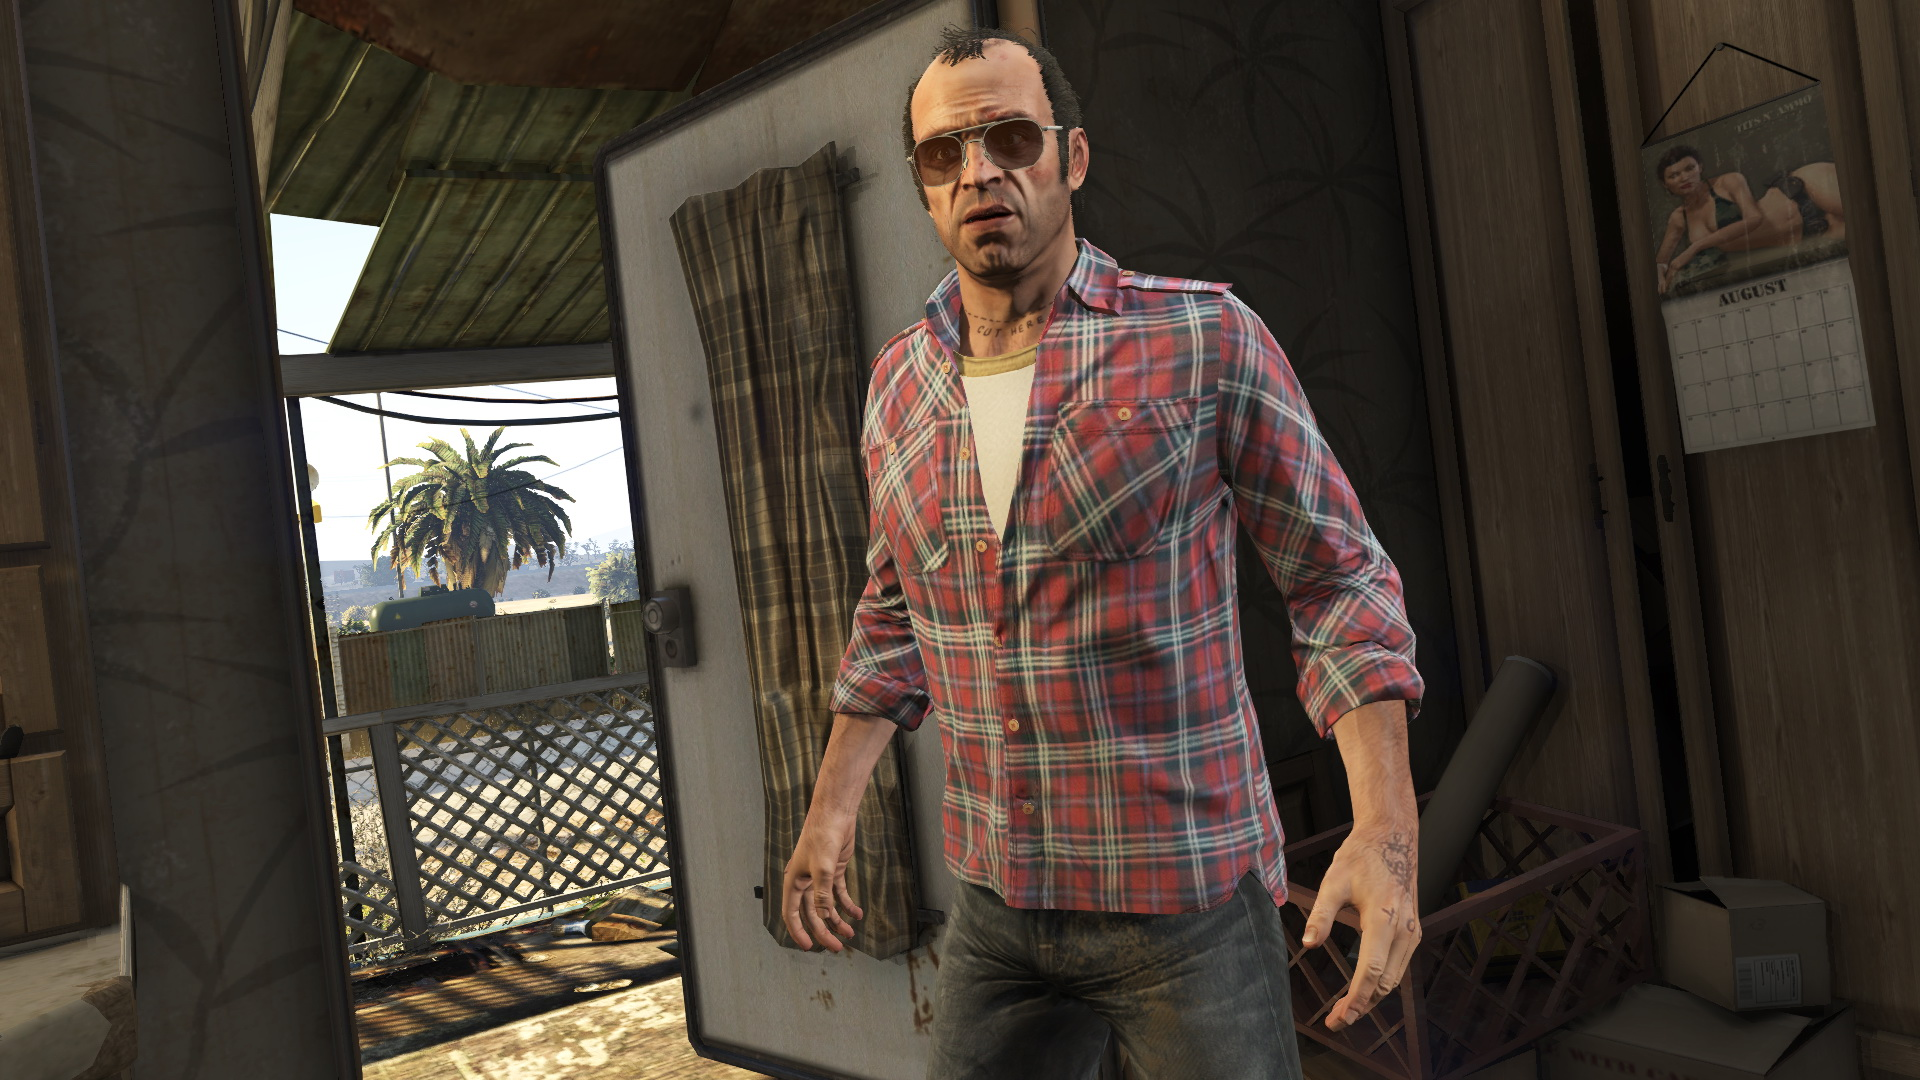 GTA 5 neue Version angespielt: Vollwertige Ich-Perspektive für Los Santos - GTA 5 New Gen (Bild: Rockstar Games)